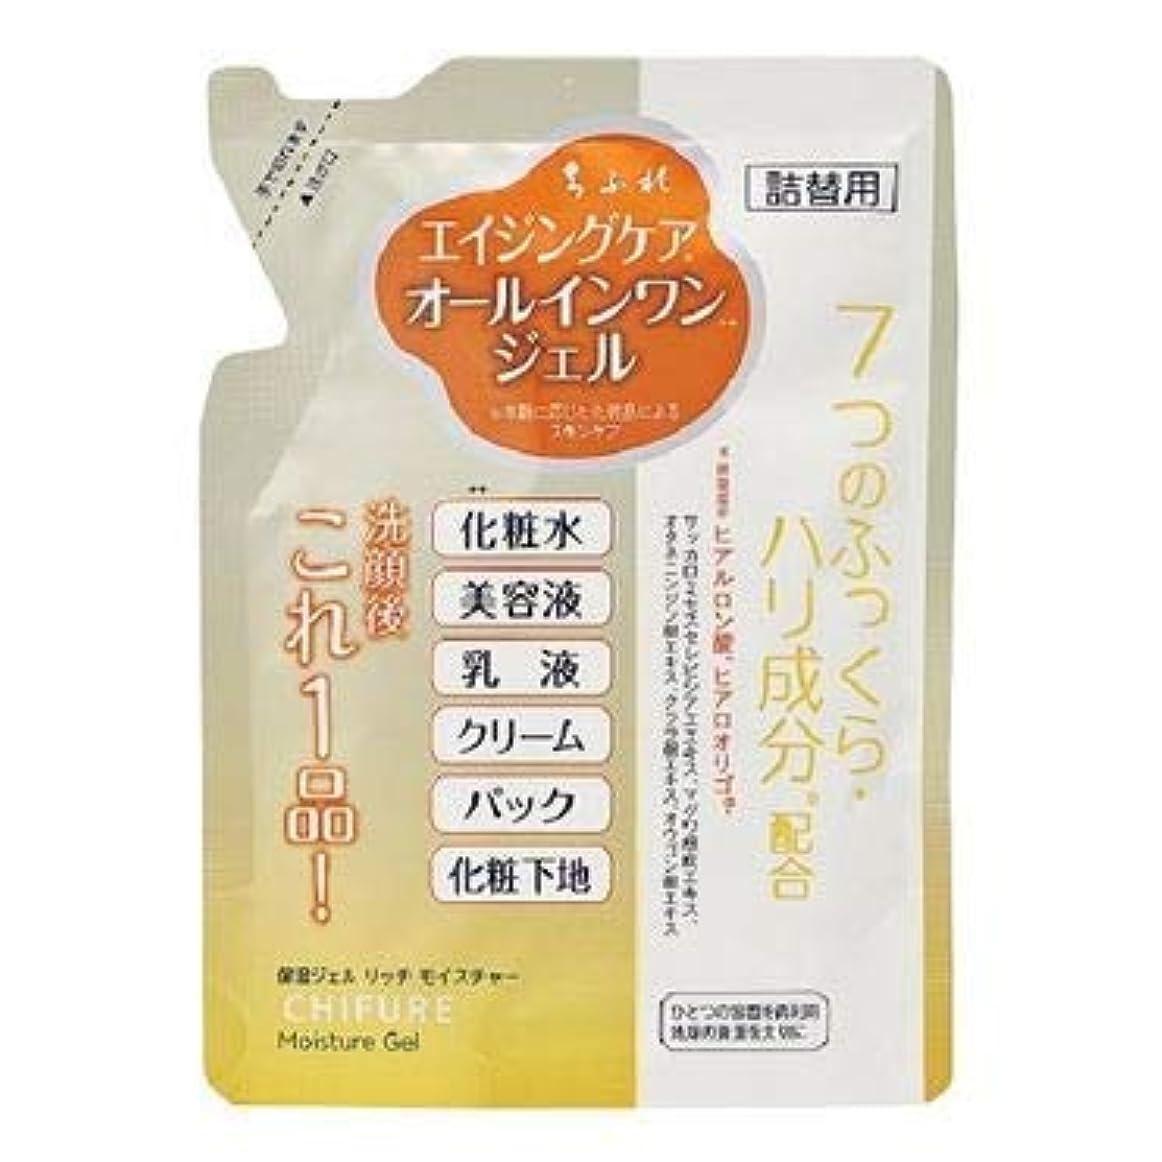 矛盾する不明瞭寸法ちふれ化粧品 保湿ジェル リッチモイスチャータイプ 108g (詰替)